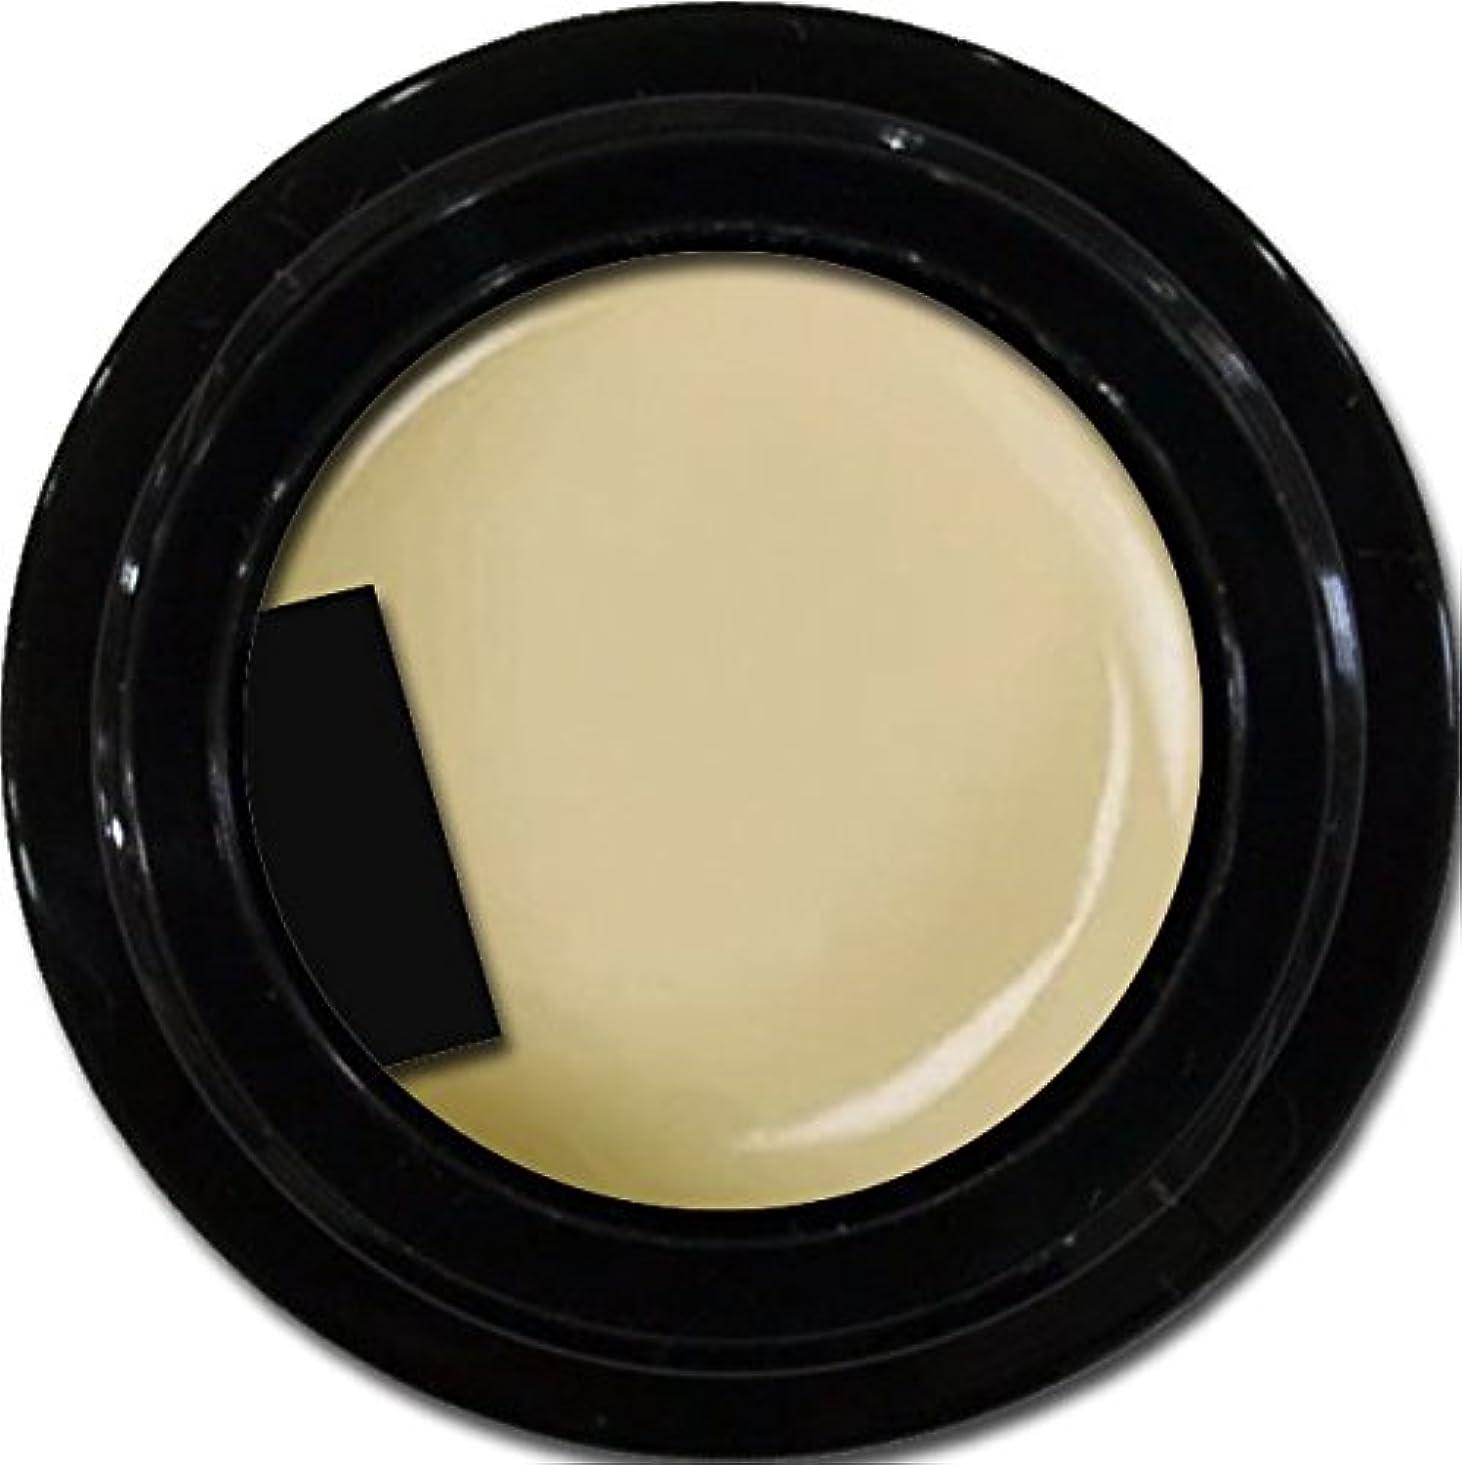 深く休憩シリーズカラージェル enchant color gel M702 DustyBeige 3g/ マットカラージェル M702 ダスティーベージュ 3グラム